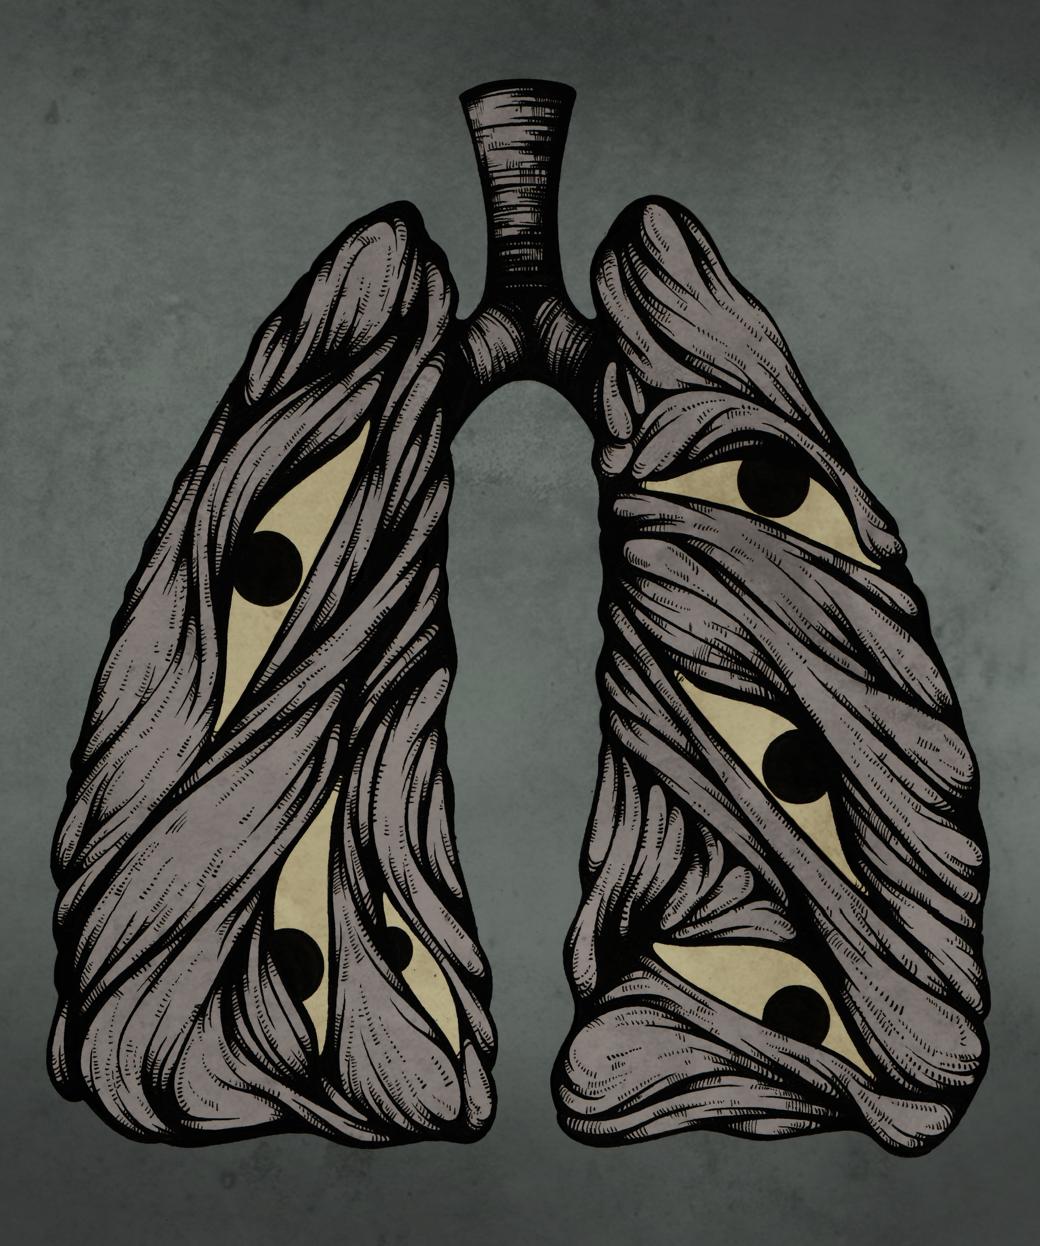 Silence the oxygen